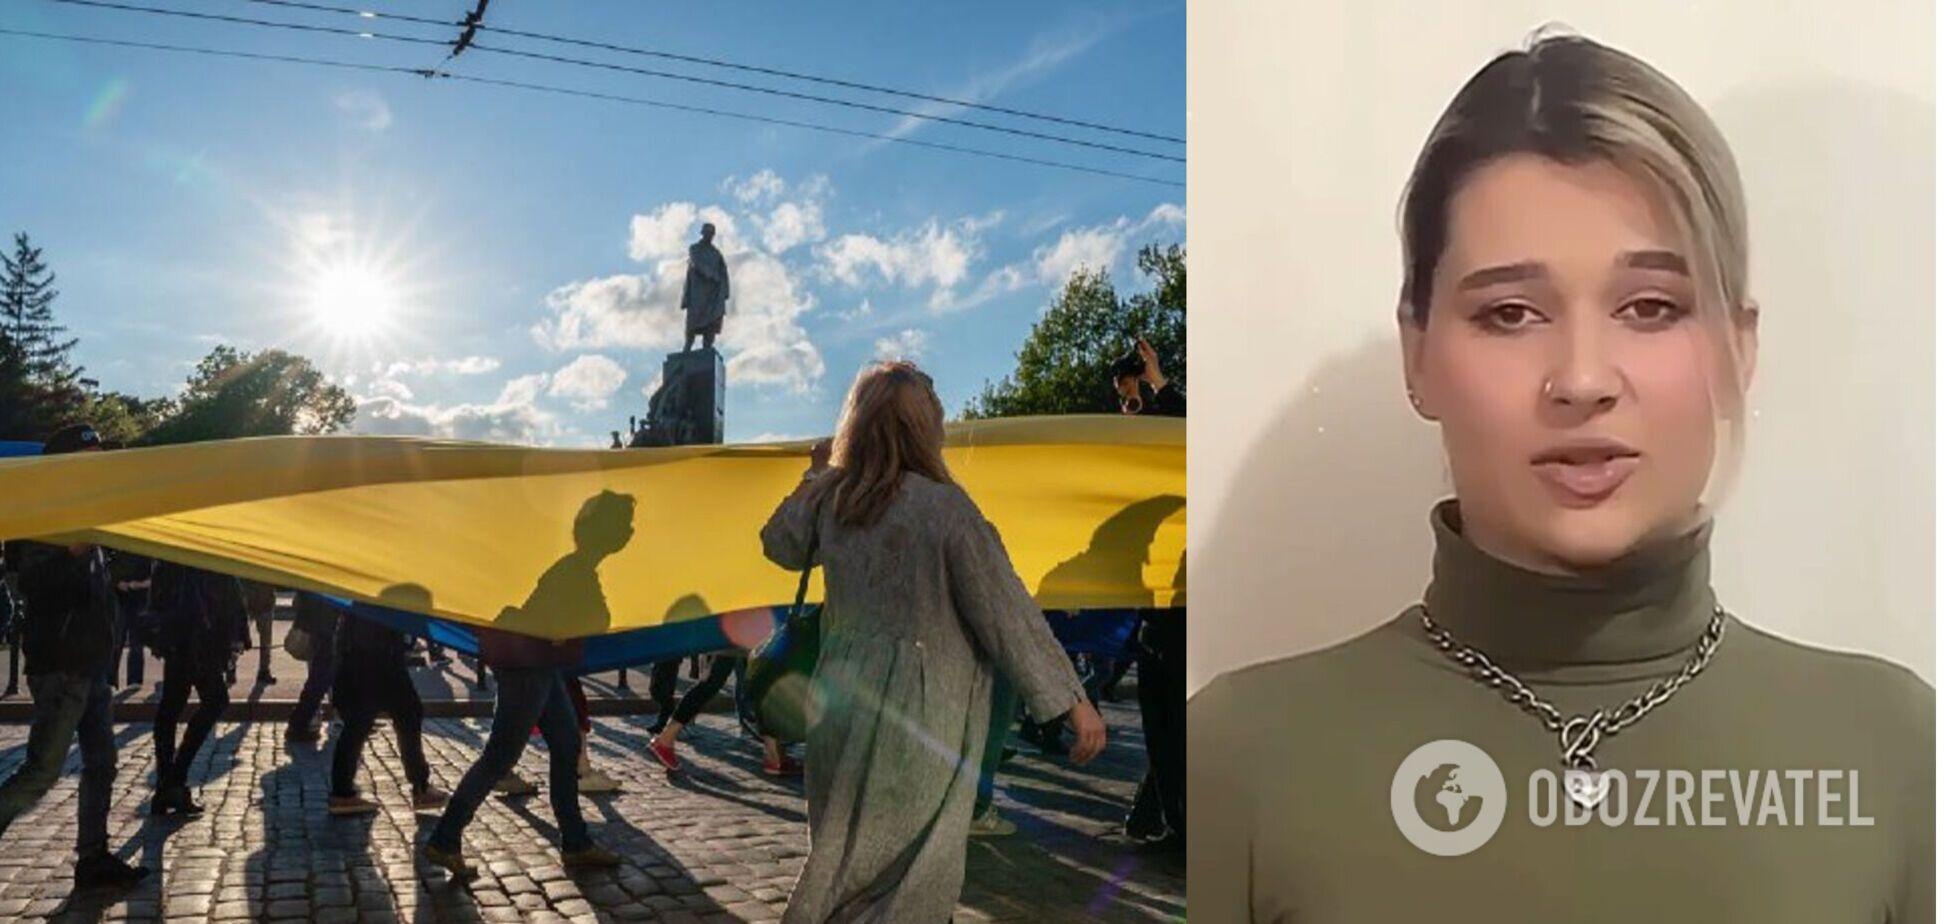 Харьковчанку, оскорбившую патриотов в вышиванках, уволили с работы: видео с извинениями